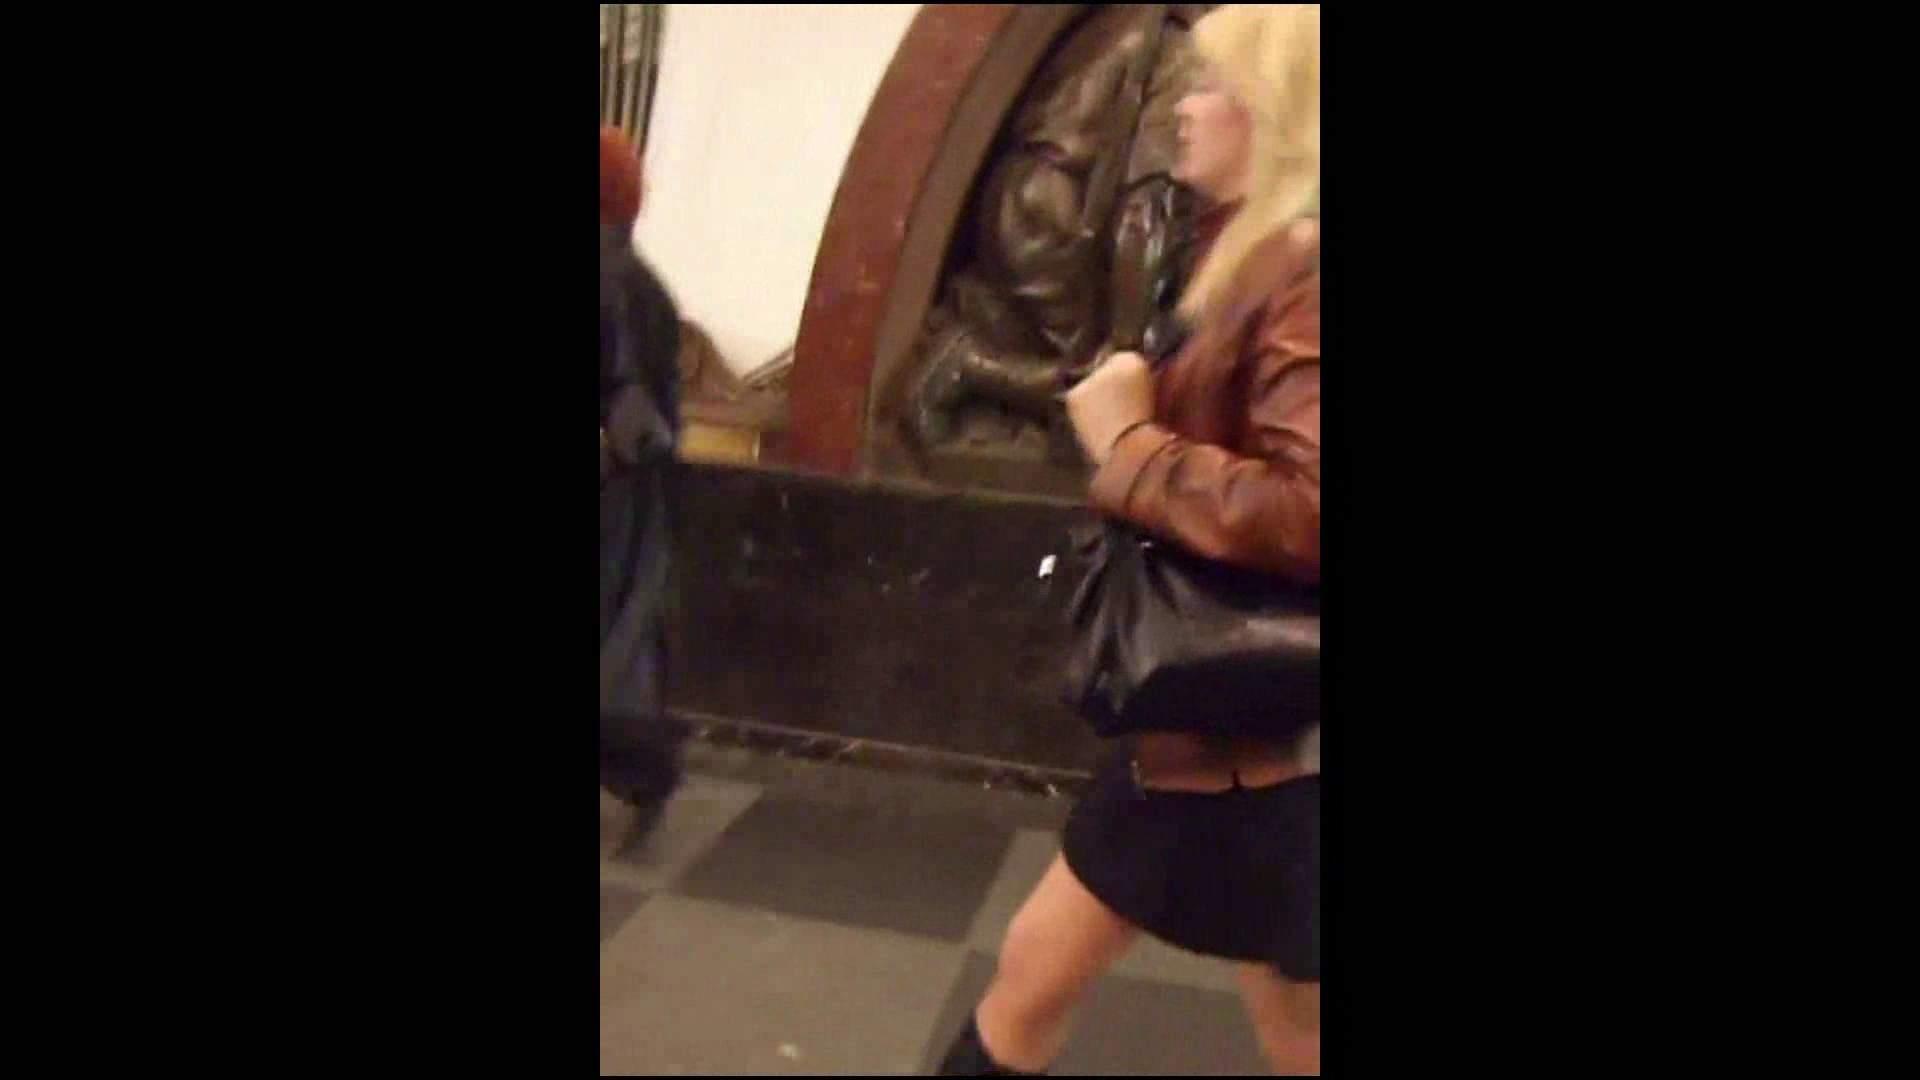 綺麗なモデルさんのスカート捲っちゃおう‼vol05 モデルのエロ生活 | OLのエロ生活  62連発 10